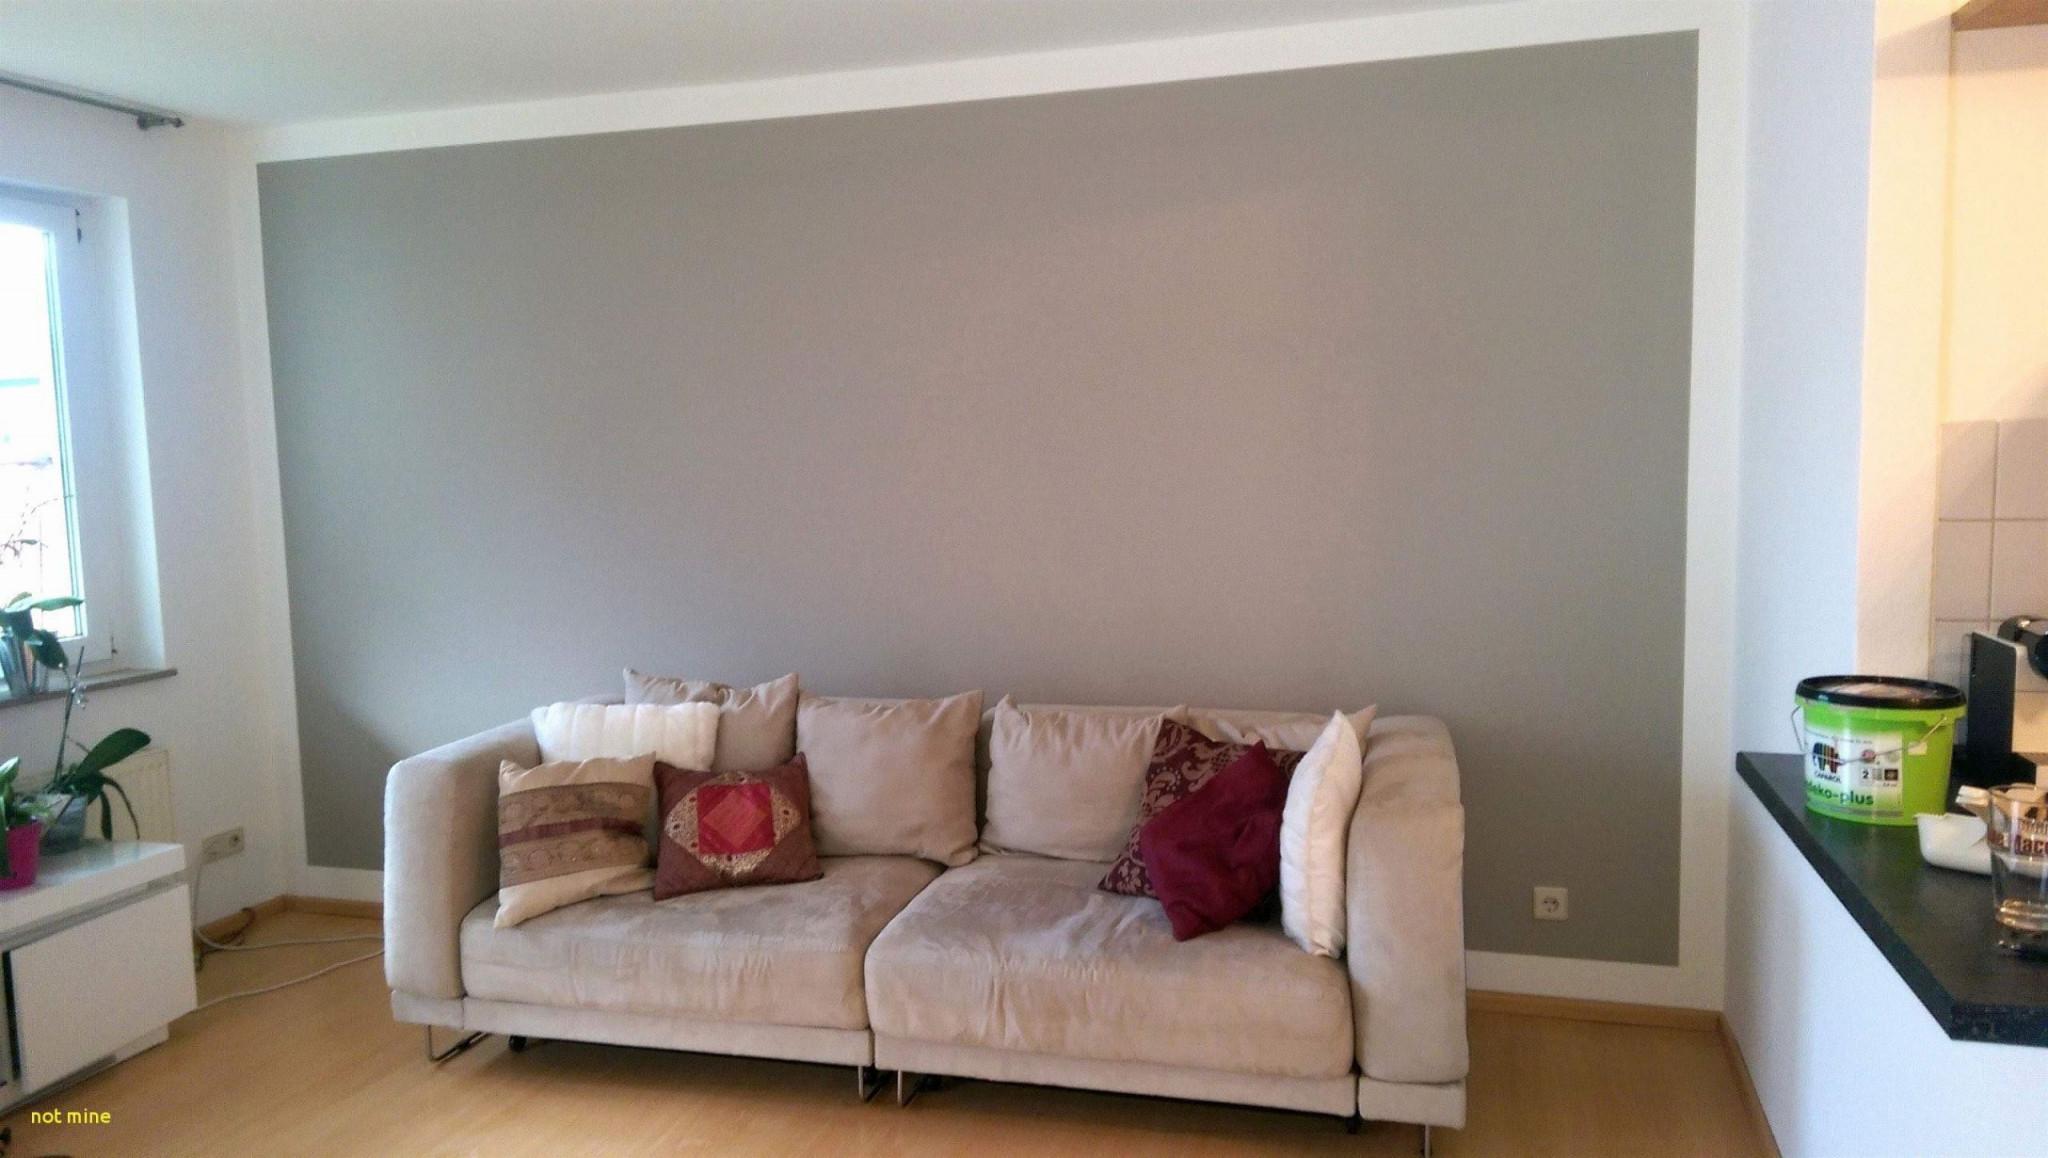 Wandgestaltung Wand Streichen Ideen Wohnzimmer – Caseconrad von Wohnzimmer Malern Ideen Bild